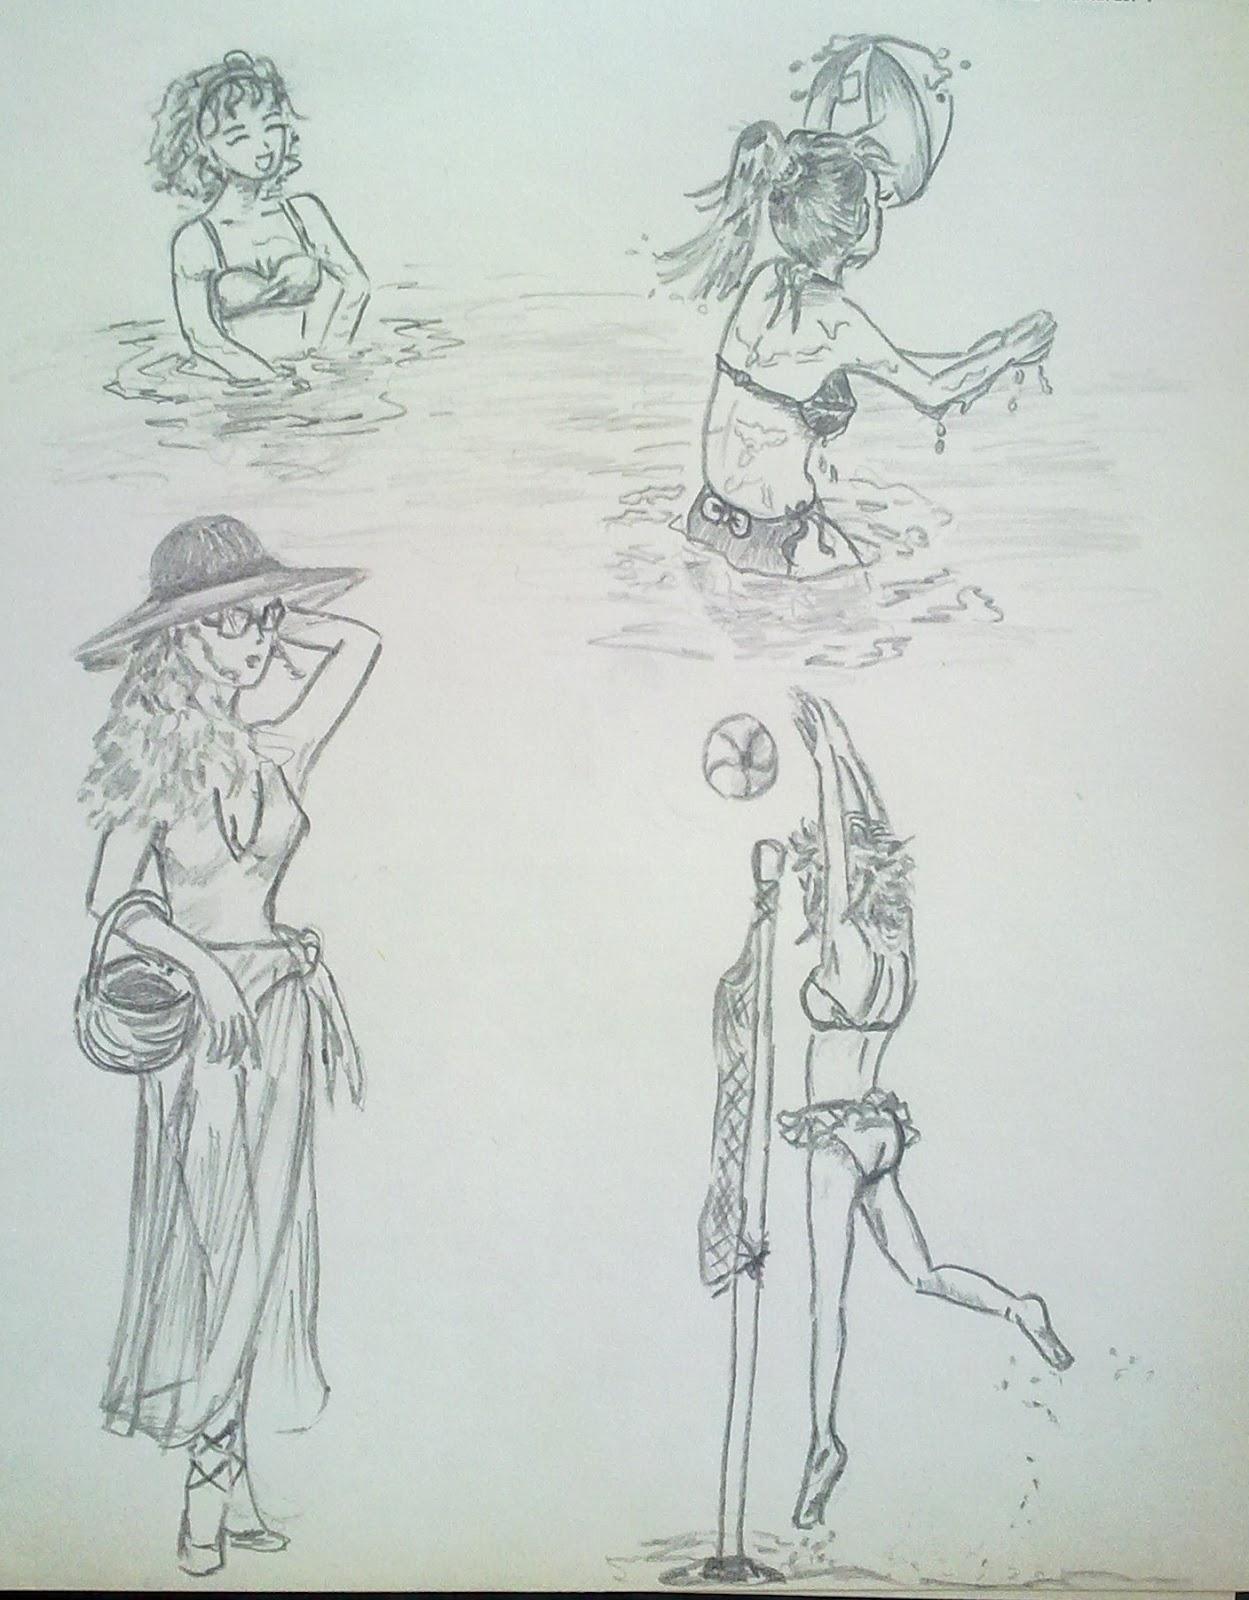 -http://4.bp.blogspot.com/-5vGdjXAH2Rw/T-mqWOwzO7I/AAAAAAAAAXE/FNTNzo7yyKo/s1600/bikinili+k%25C4%25B1zlar.jpg